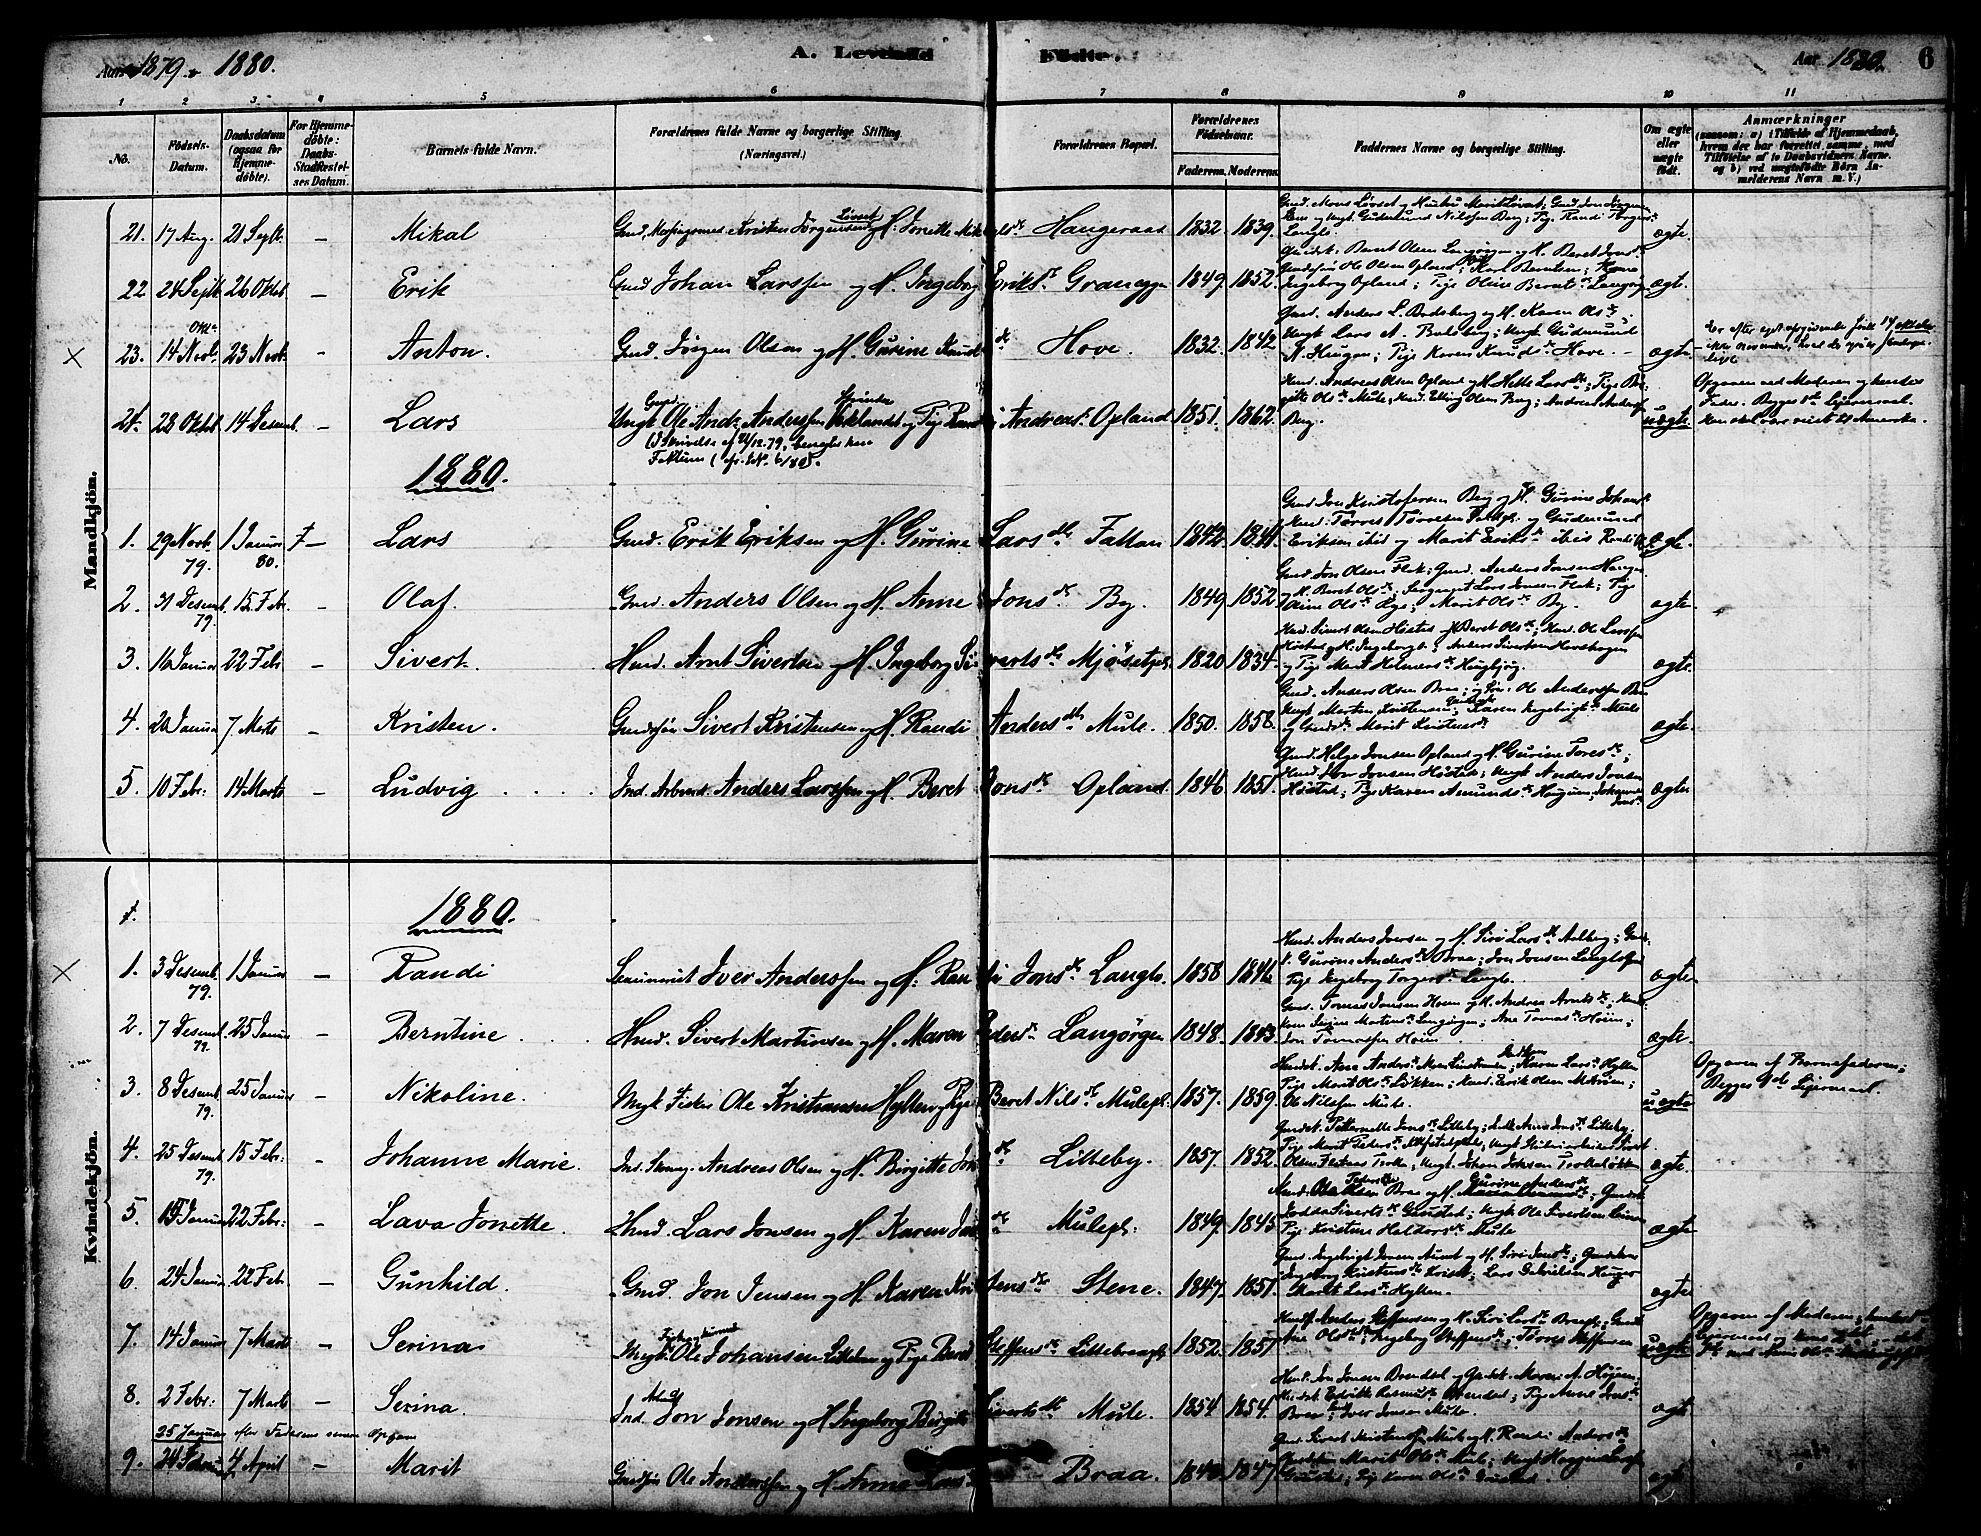 SAT, Ministerialprotokoller, klokkerbøker og fødselsregistre - Sør-Trøndelag, 612/L0378: Ministerialbok nr. 612A10, 1878-1897, s. 6